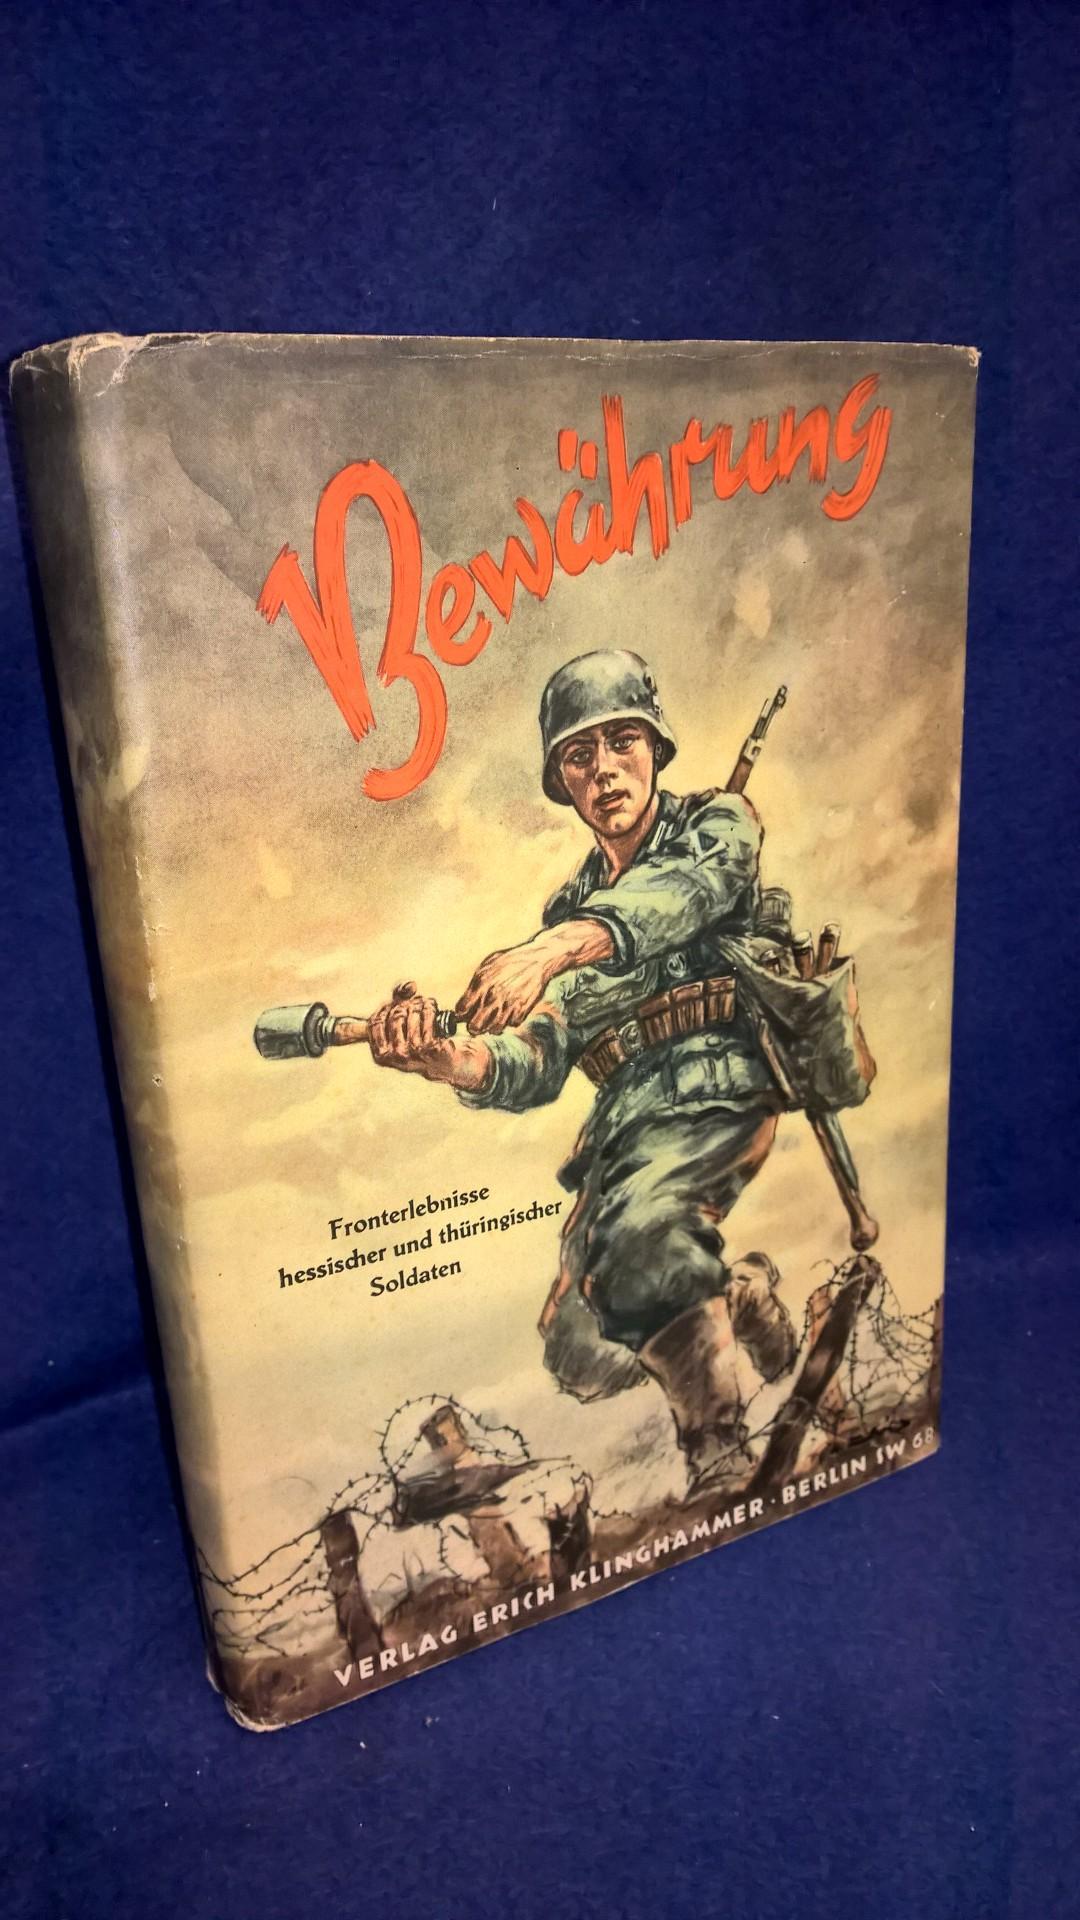 Bewährung. Fronterlebnisse hessischer und thüringischer Soldaten im 2.Weltkrieg.